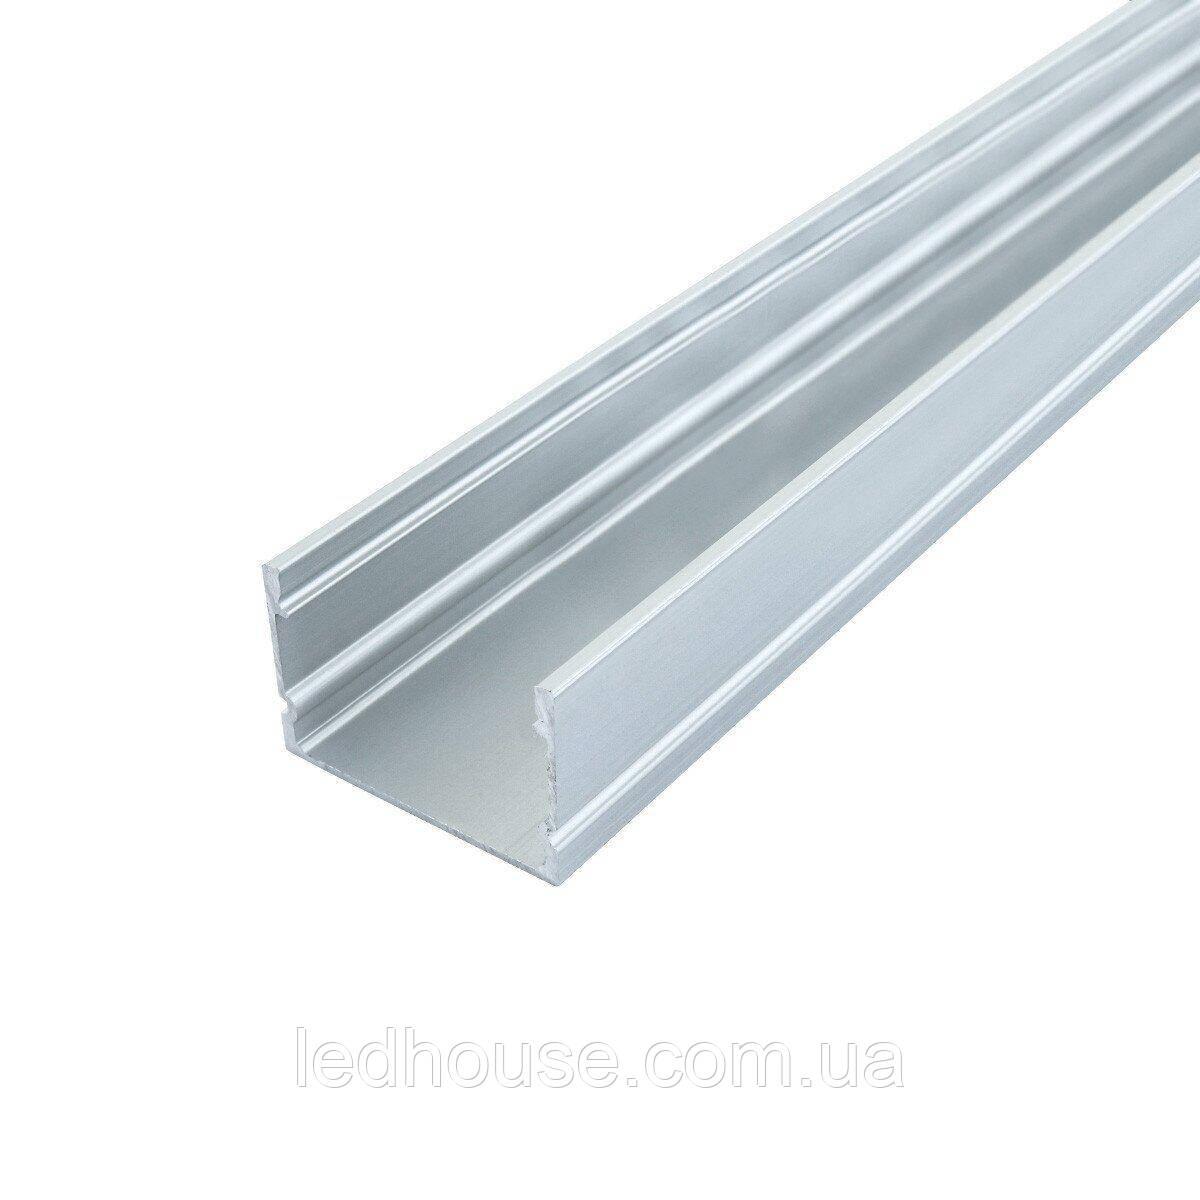 Профиль алюминиевый SL30 30х20, анодированный (палка 2м) + рассеиватель